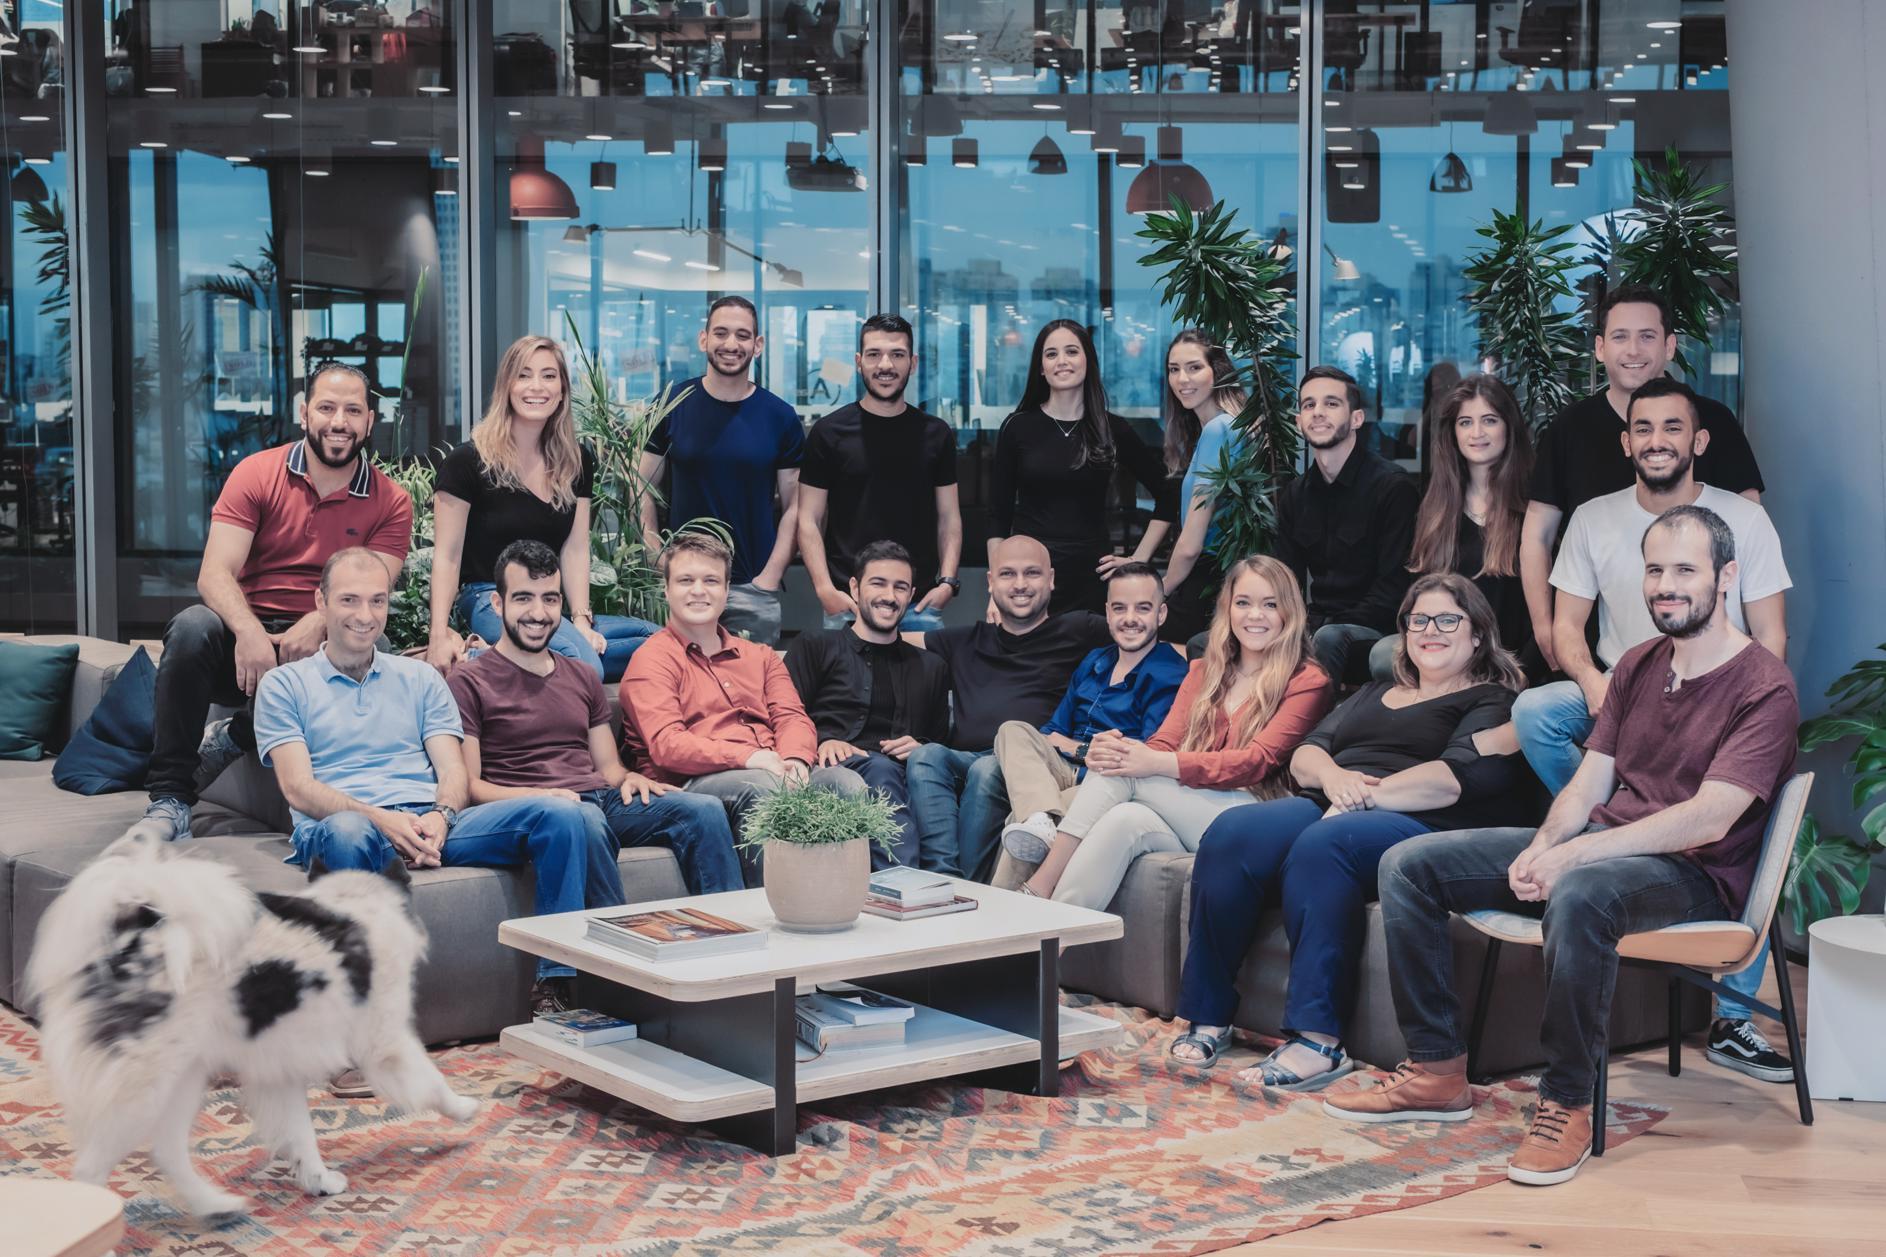 2bcloud team